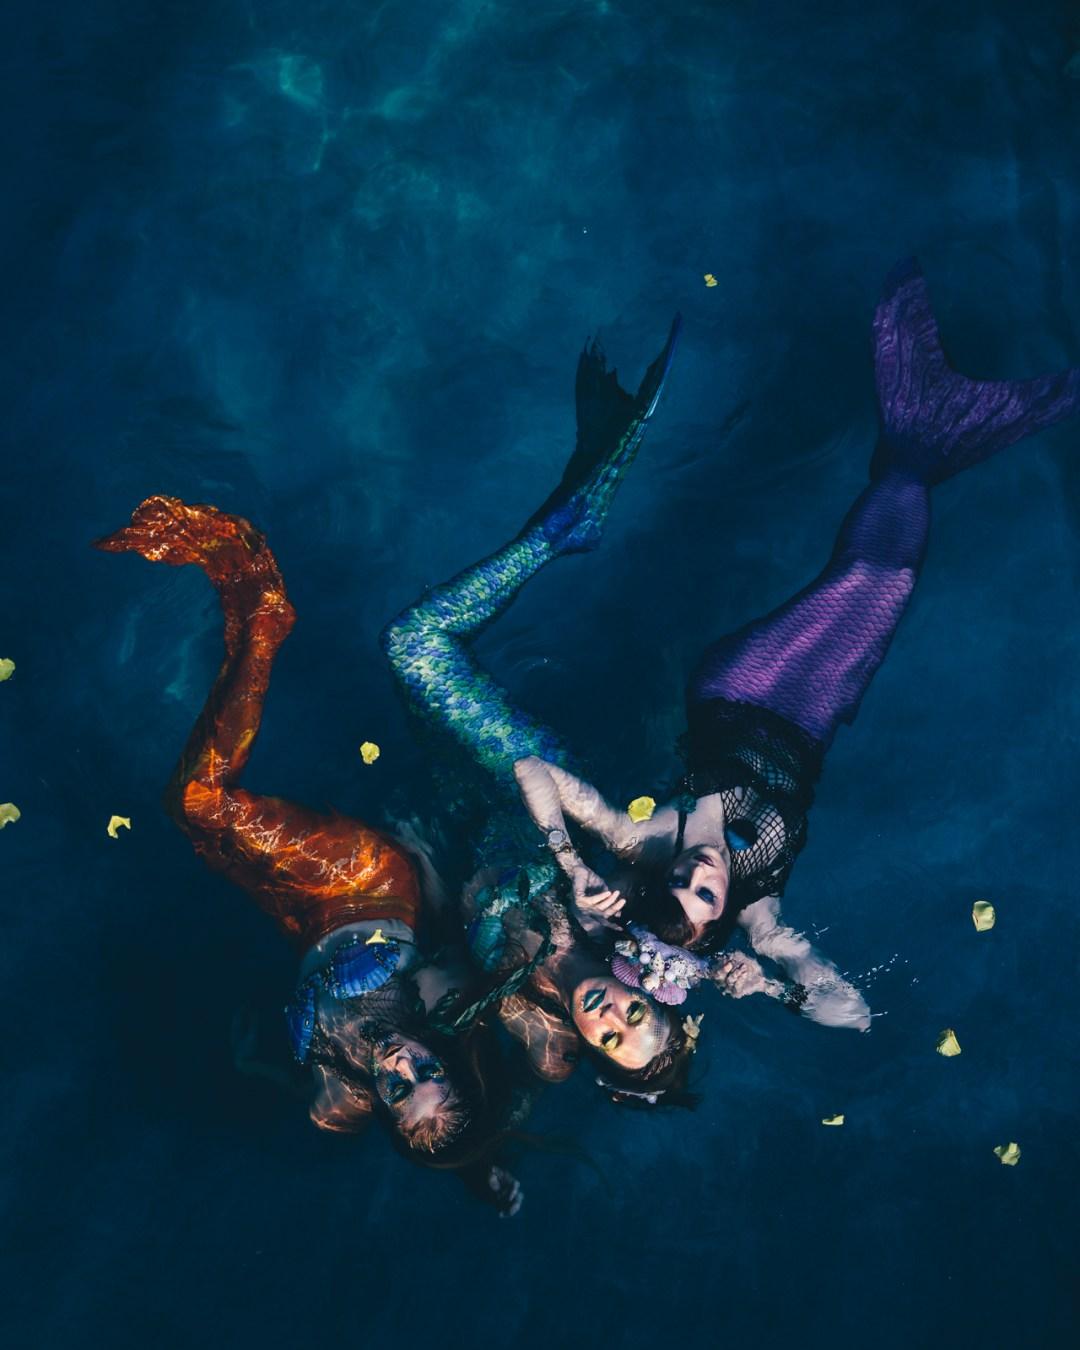 Mermaid Monday #4